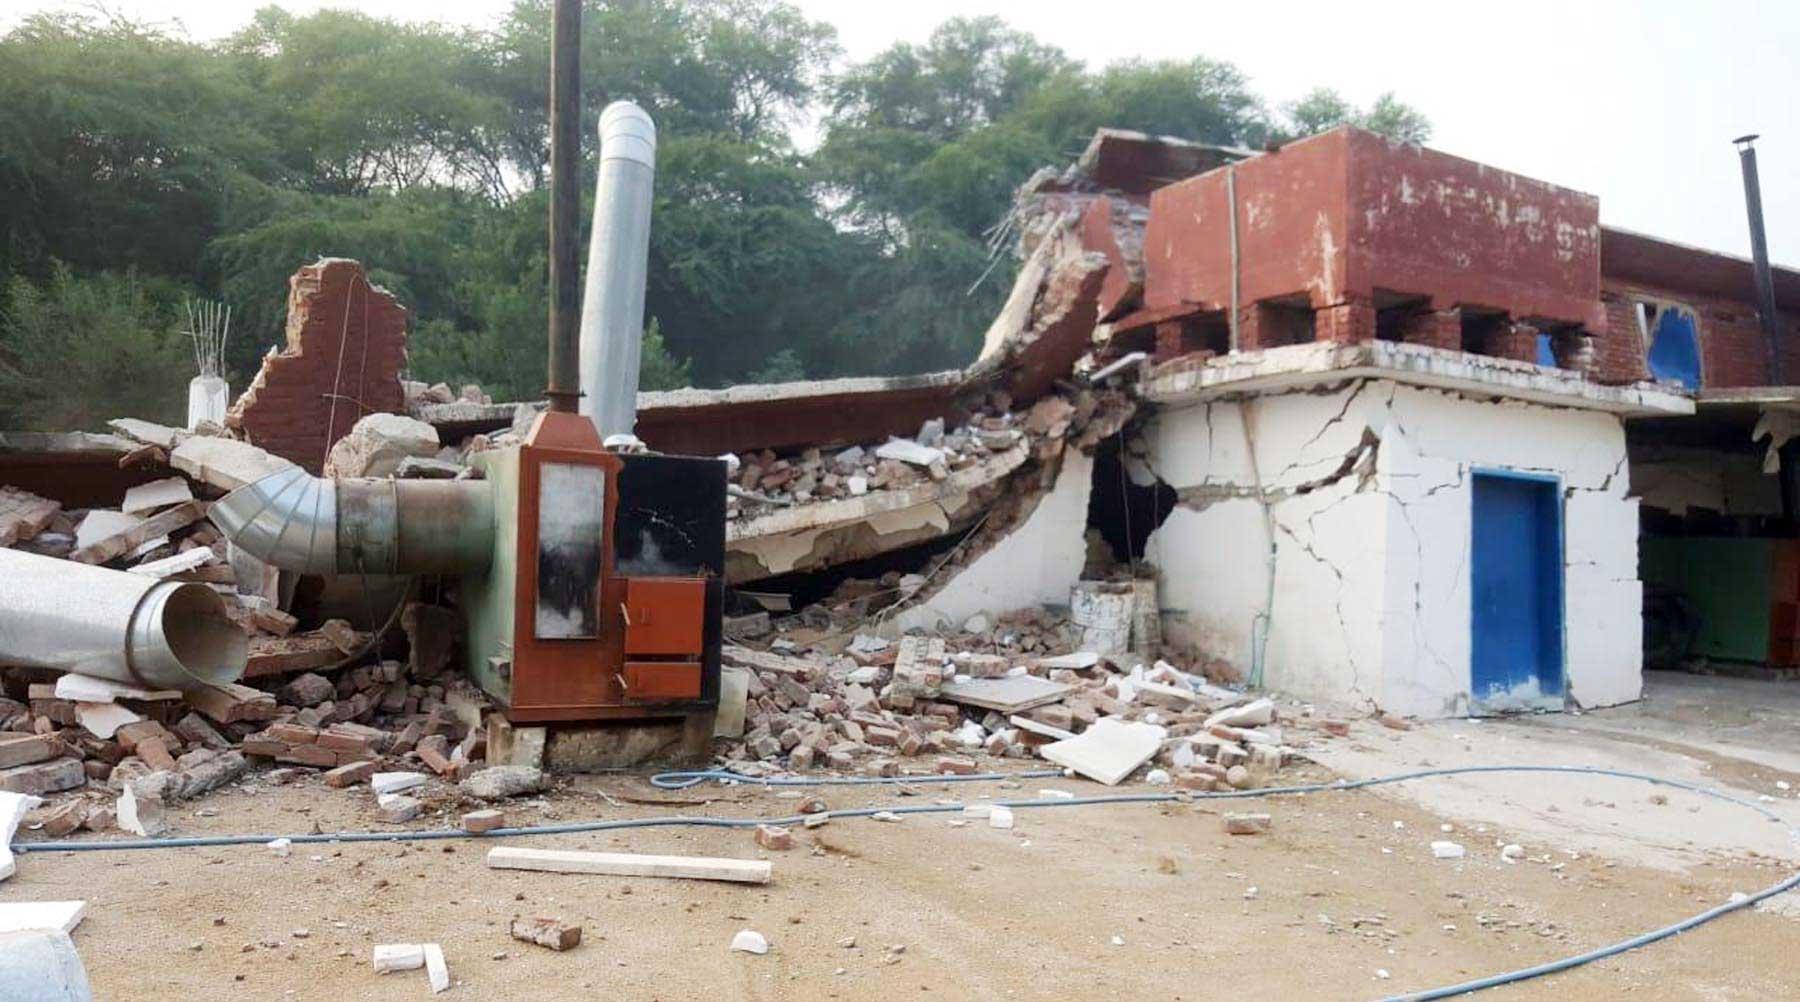 زلزلے نے درودیوار ہلا دیئے، میرپور میں تباہی، بچوں سمیت 26 جاں بحق